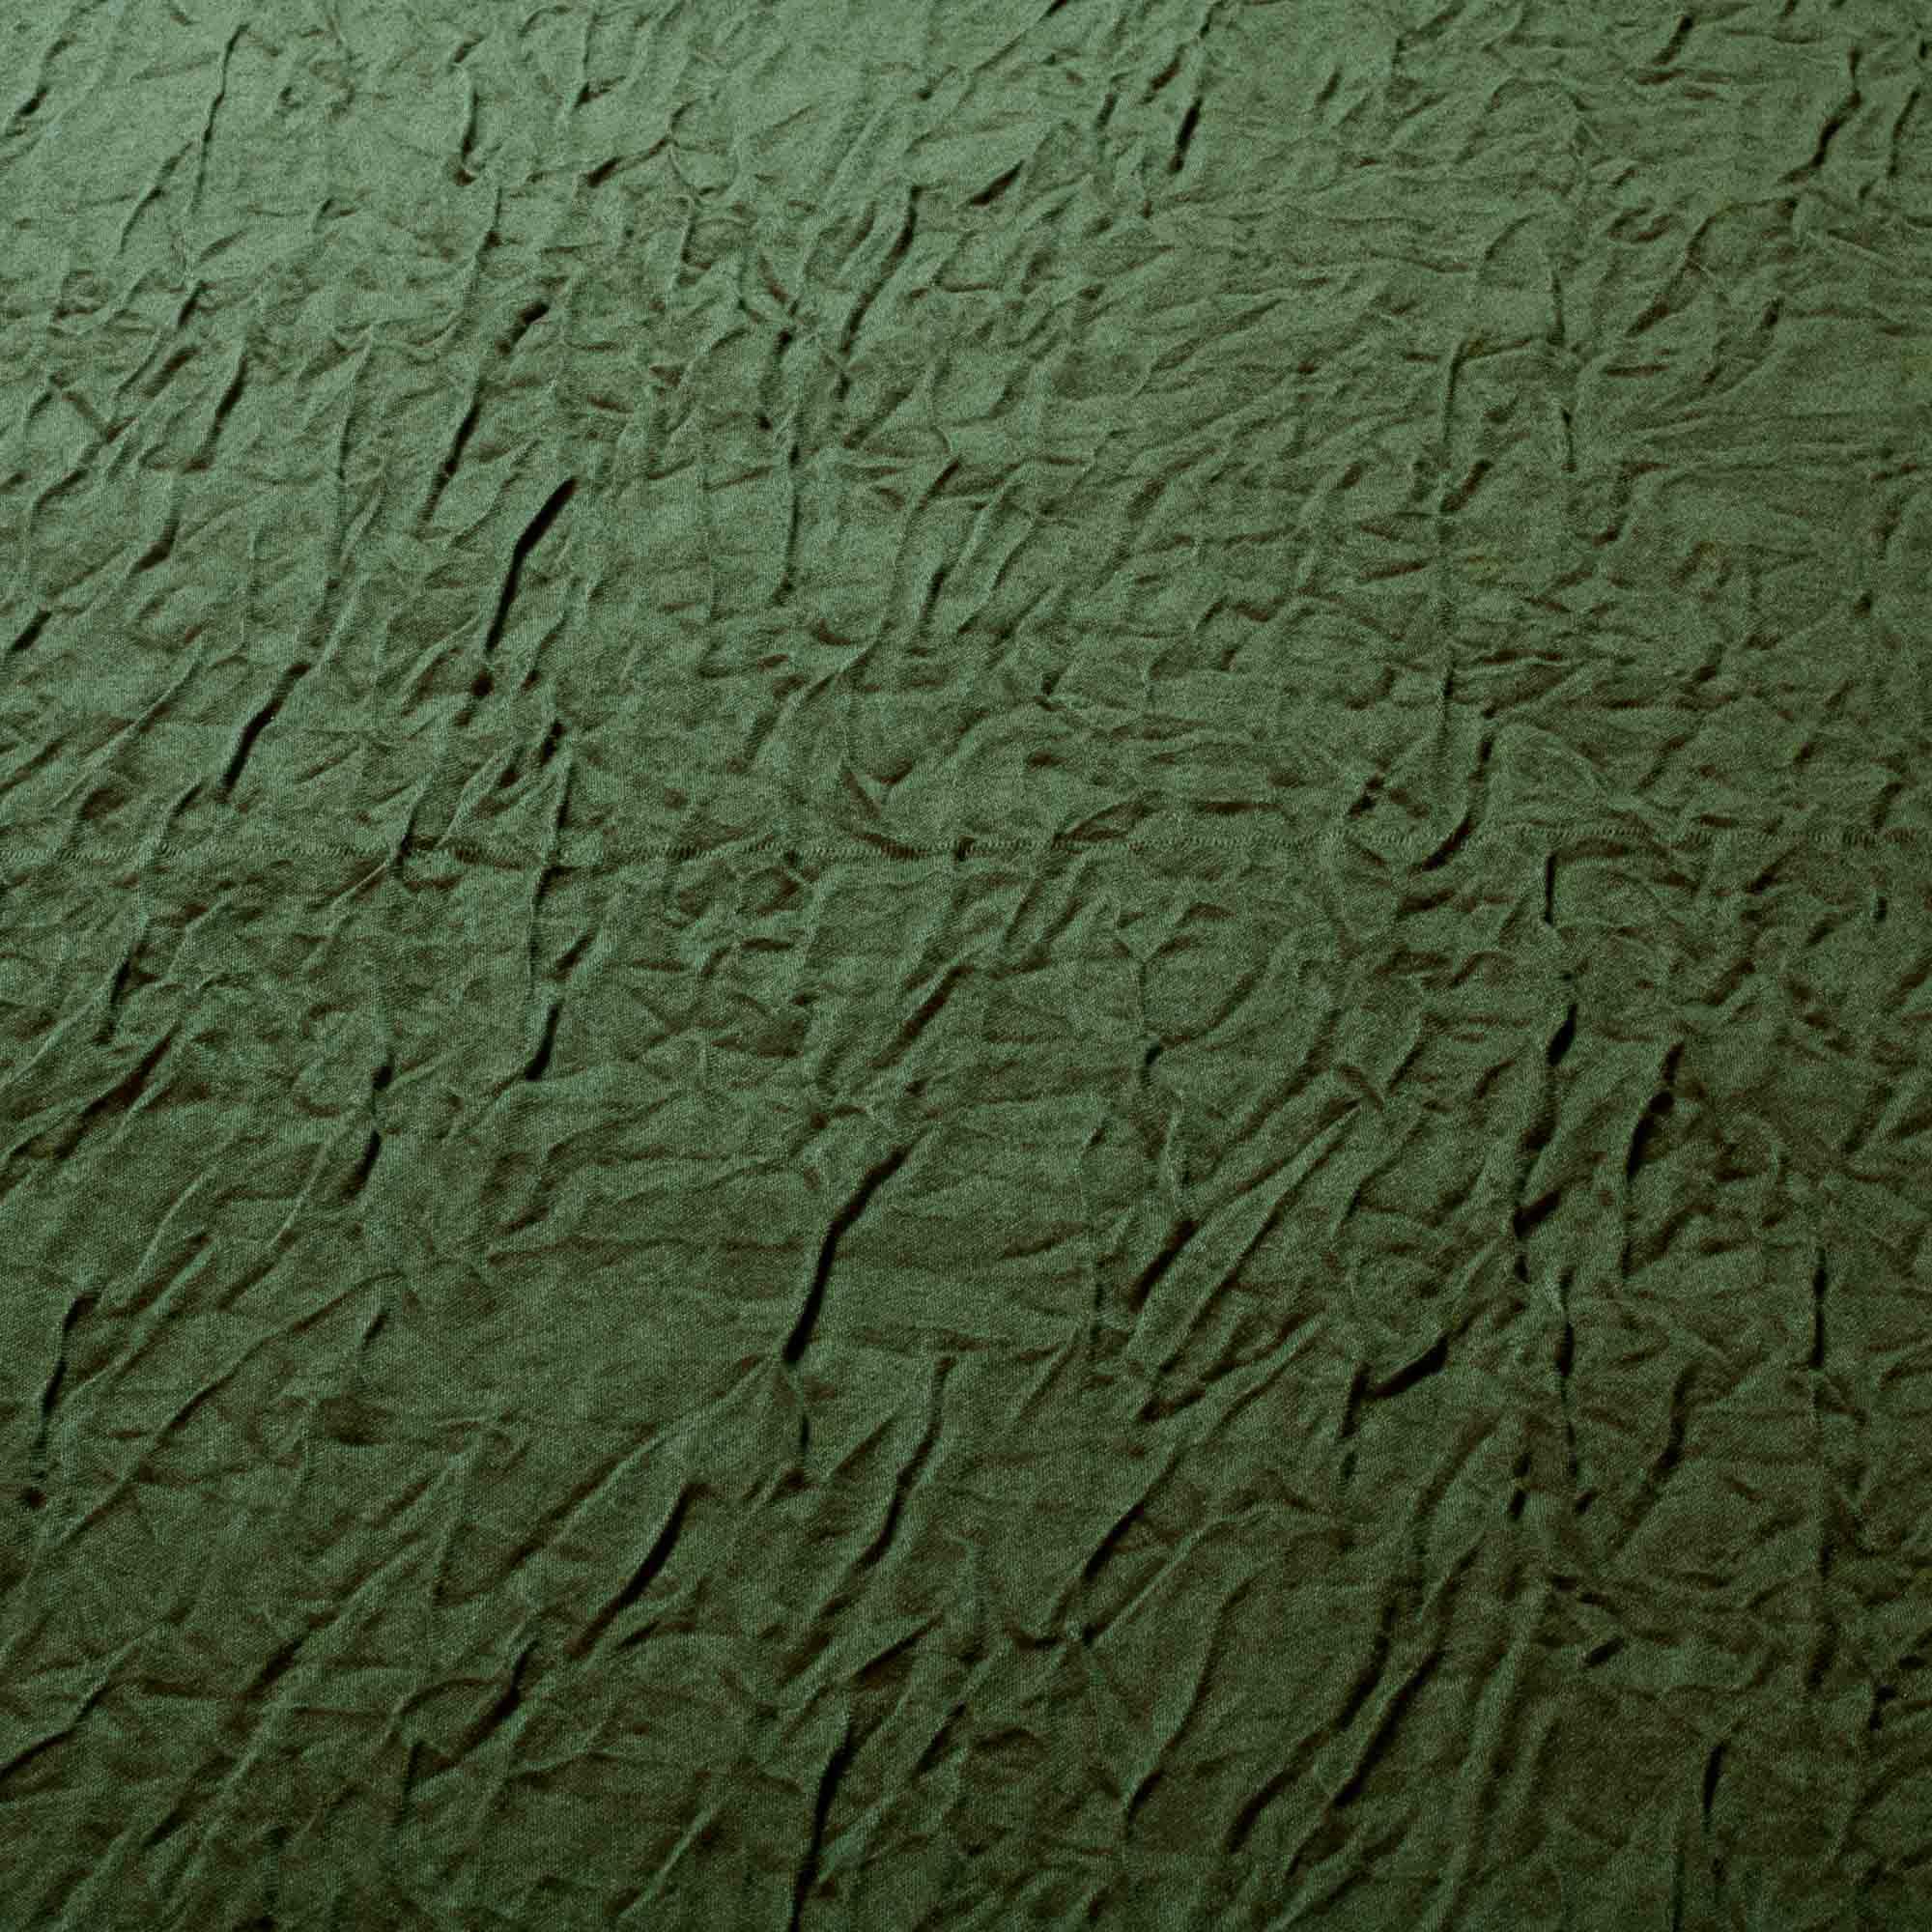 Tecido Cetim Amassado Verde Musgo 100% Poliester 3 m Largura